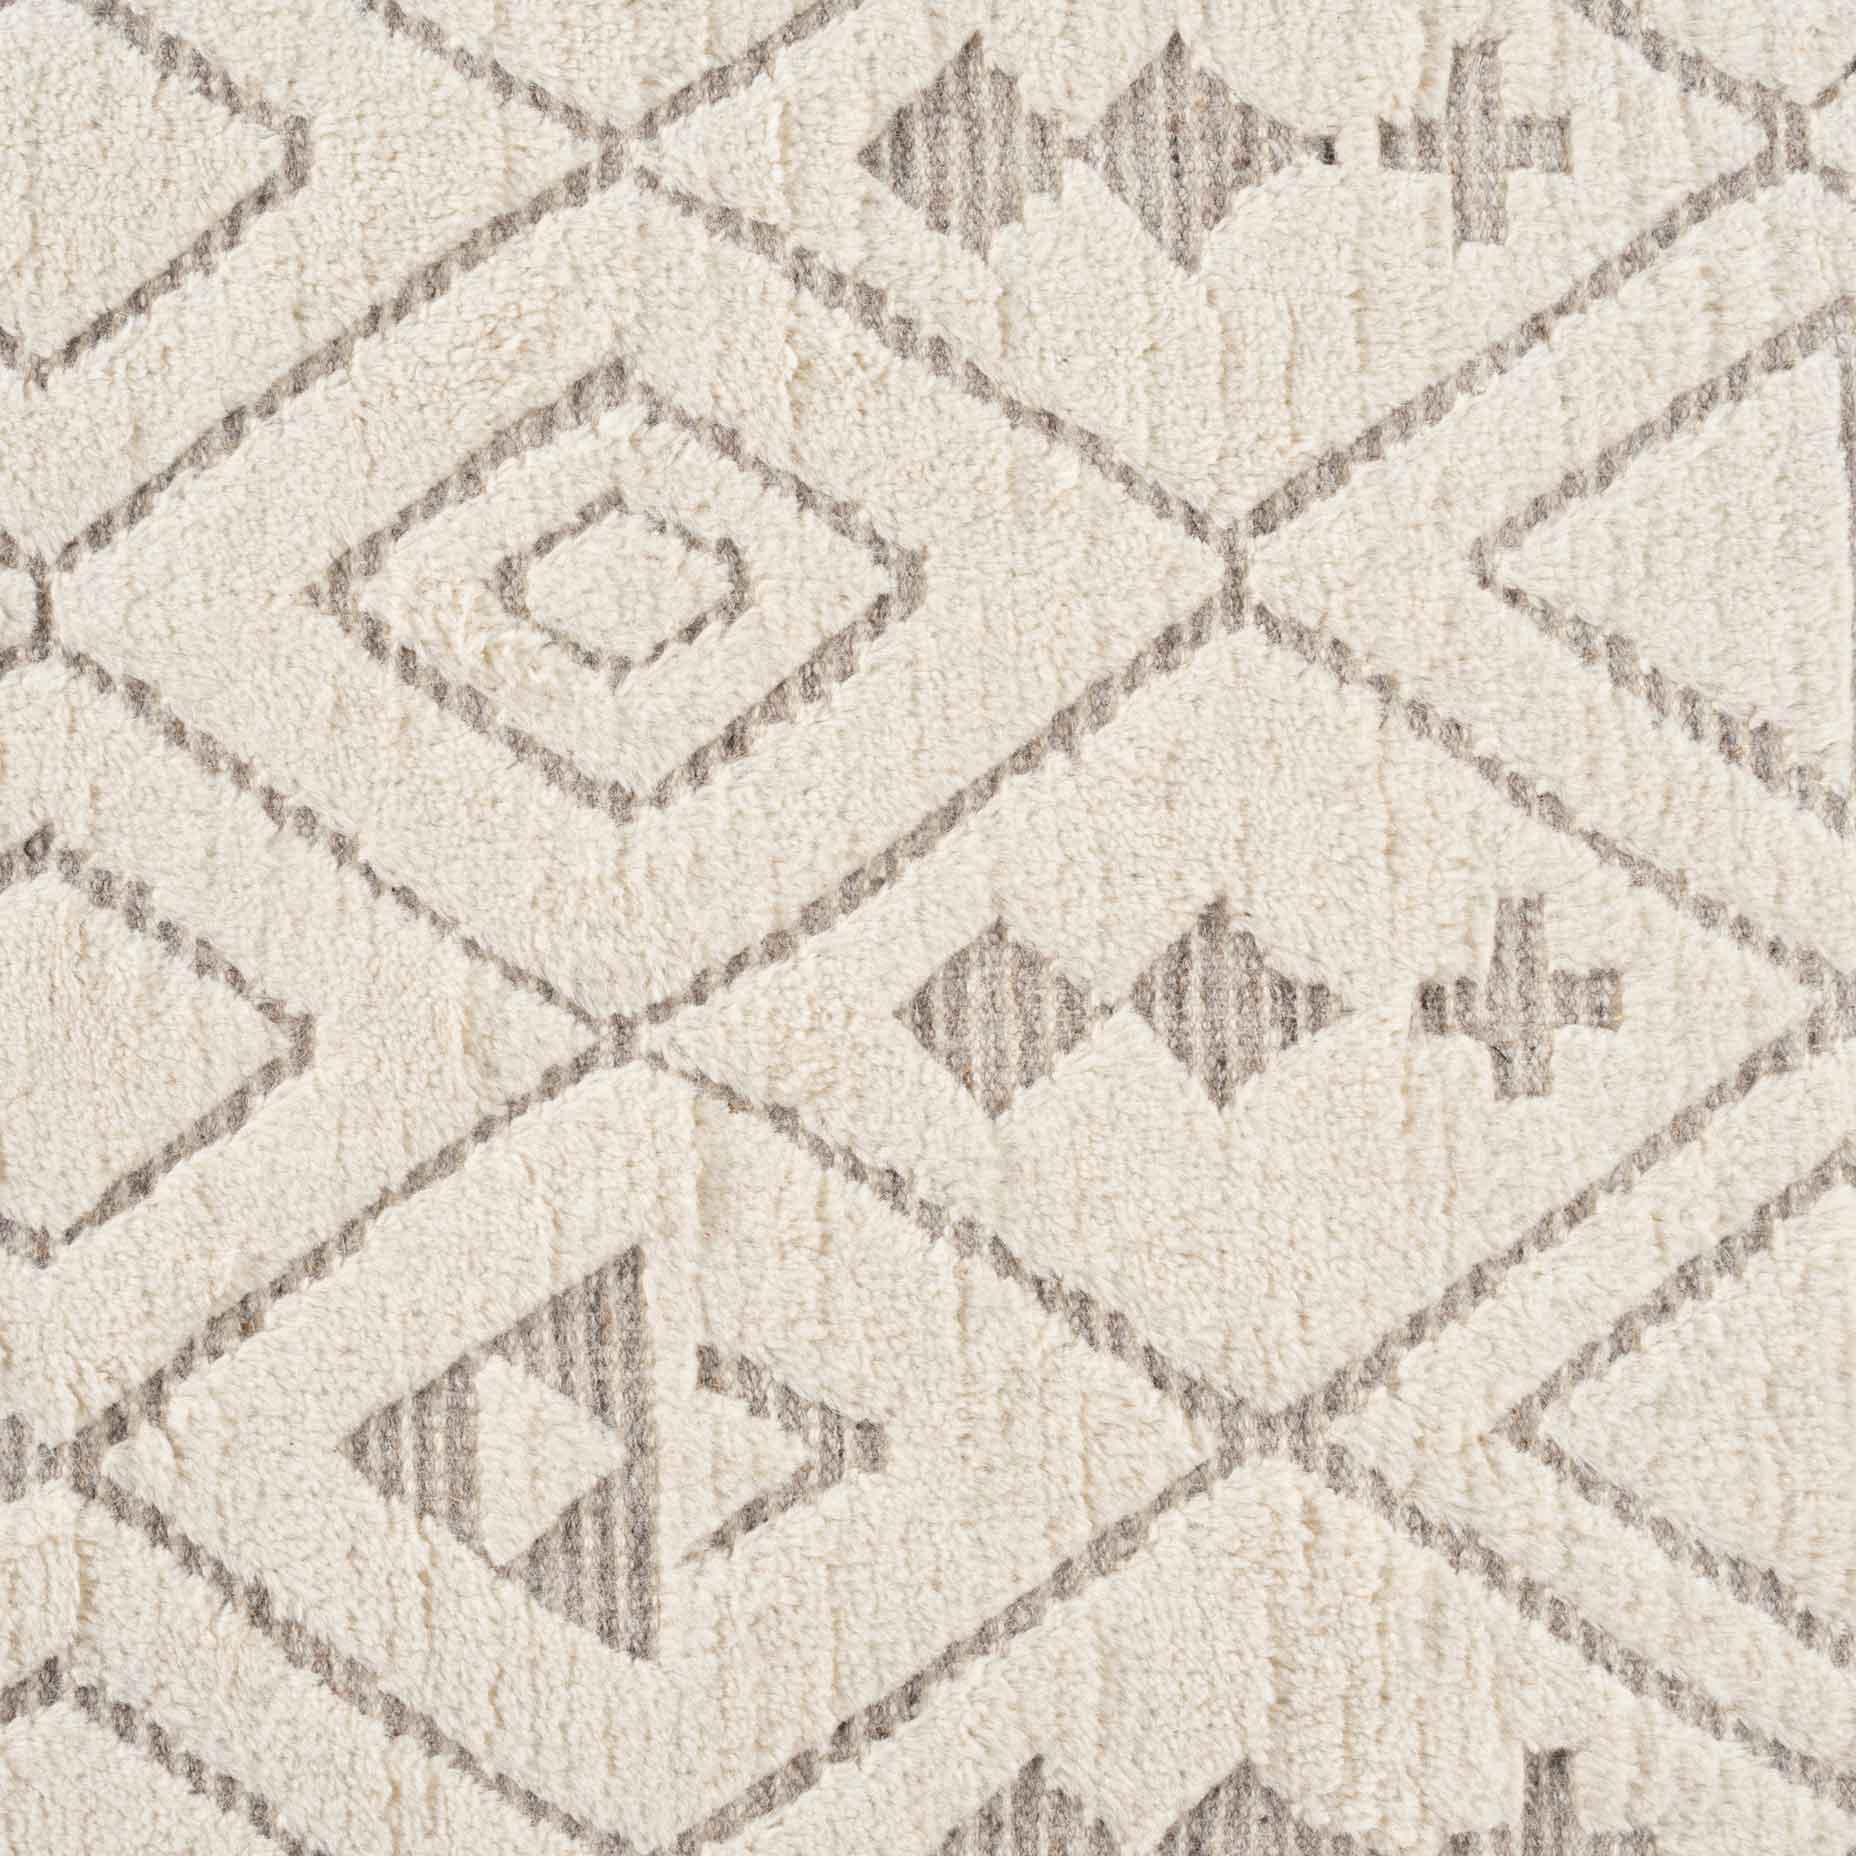 Sahara-Diamond-Ivory-Taupe_close-up